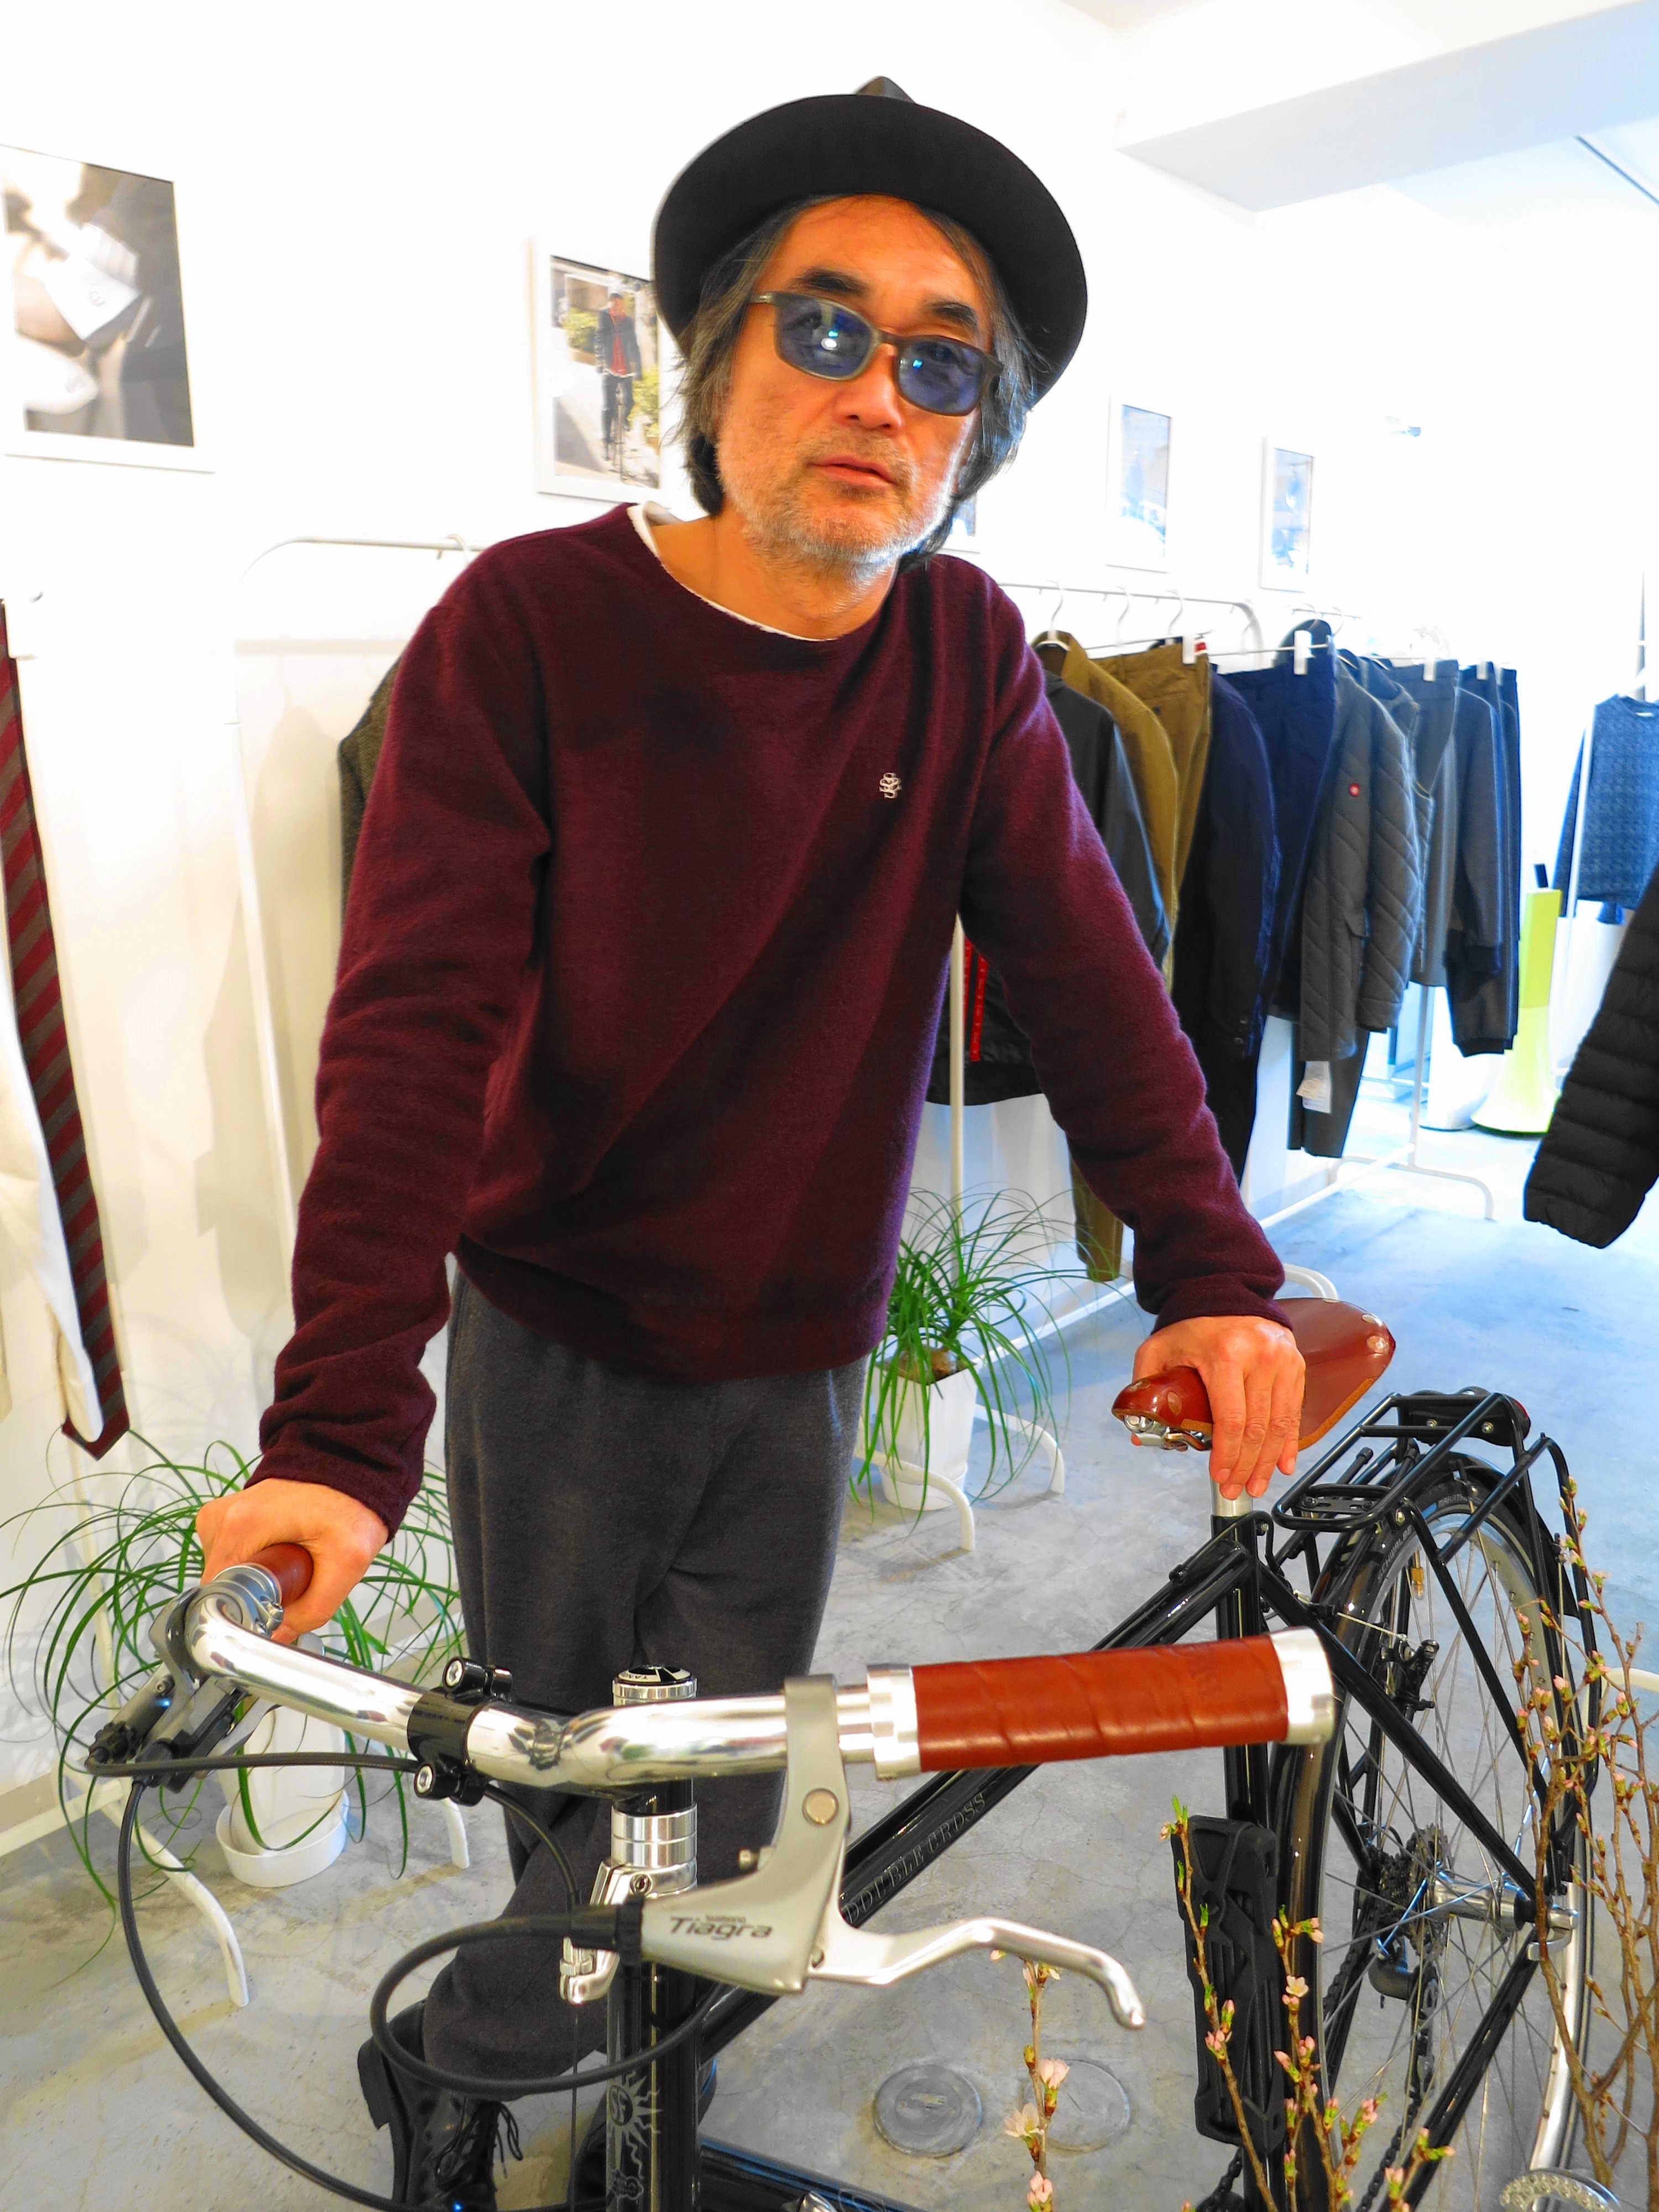 サイクリングstyle☆_d0339884_17513274.jpg